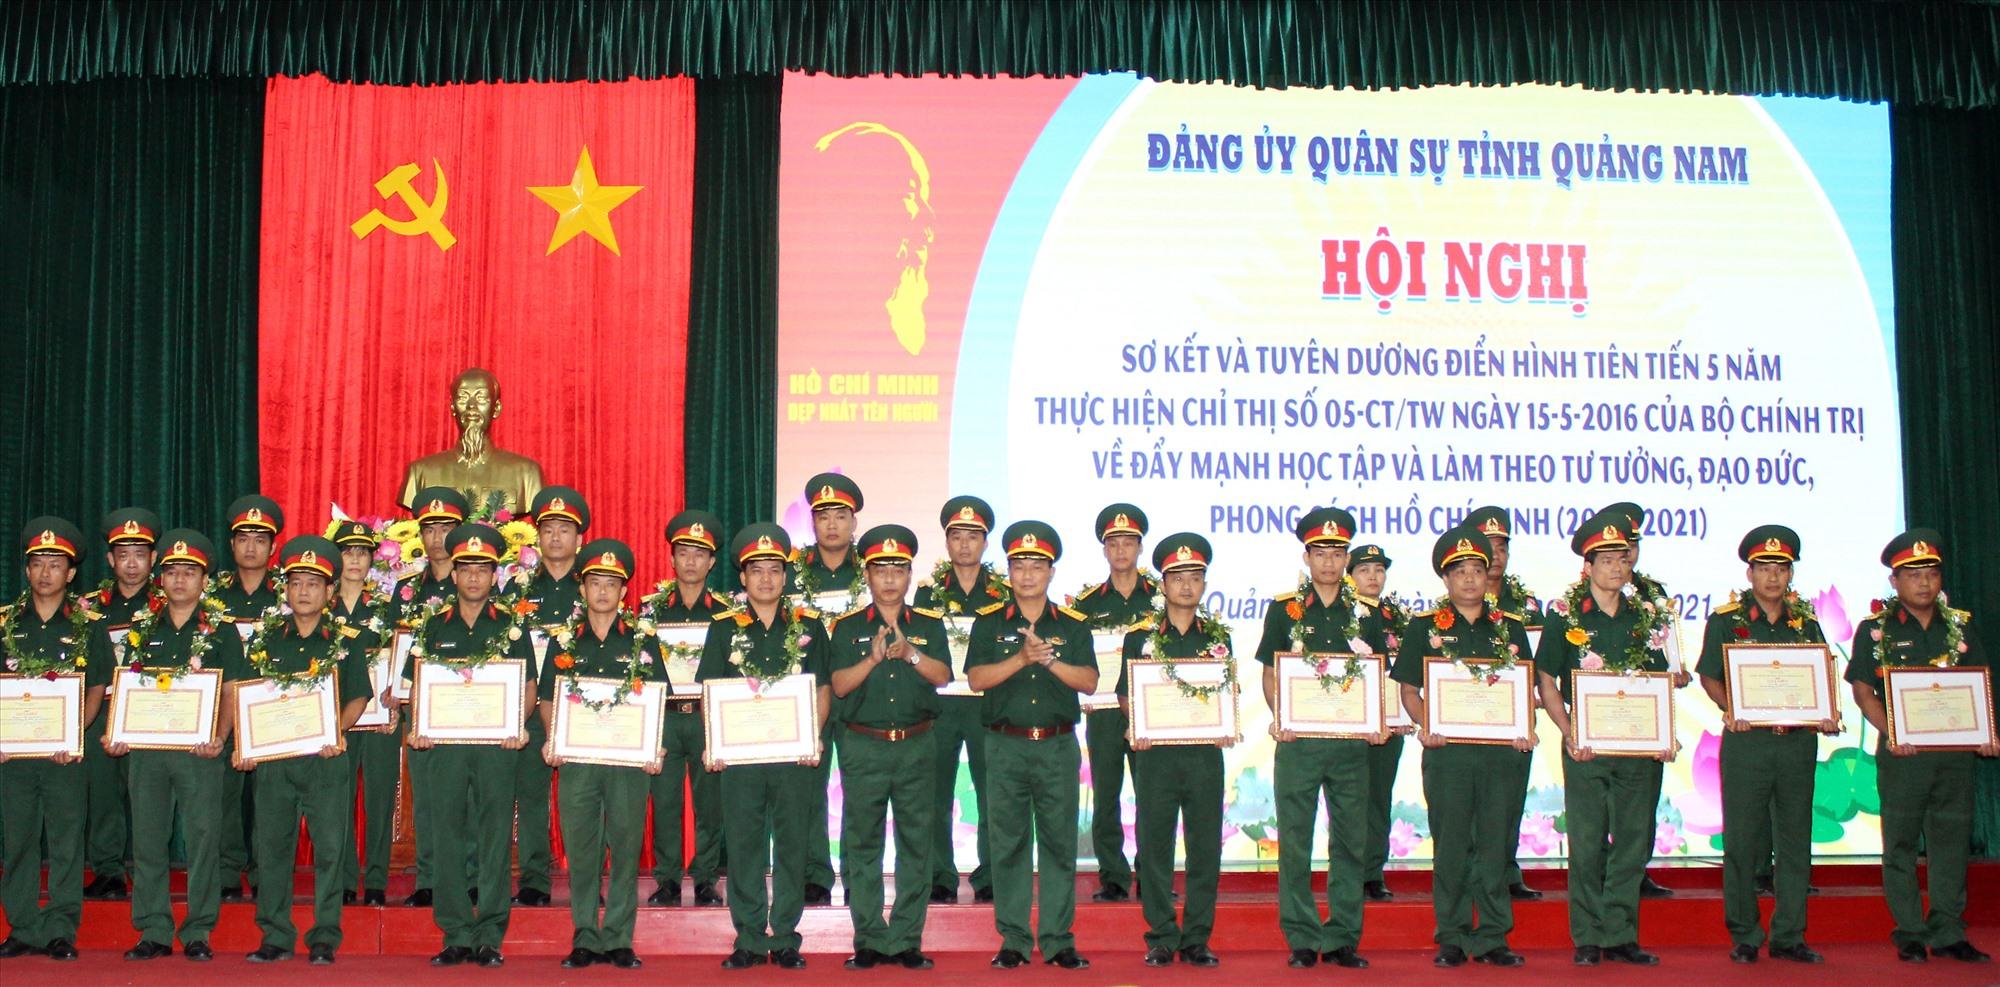 Tuyên dương 25 tập thể và 25 cá nhân điển hình tiên tiến qua 05 năm thực hiện Chỉ thị 05 của Bộ Chính trị.